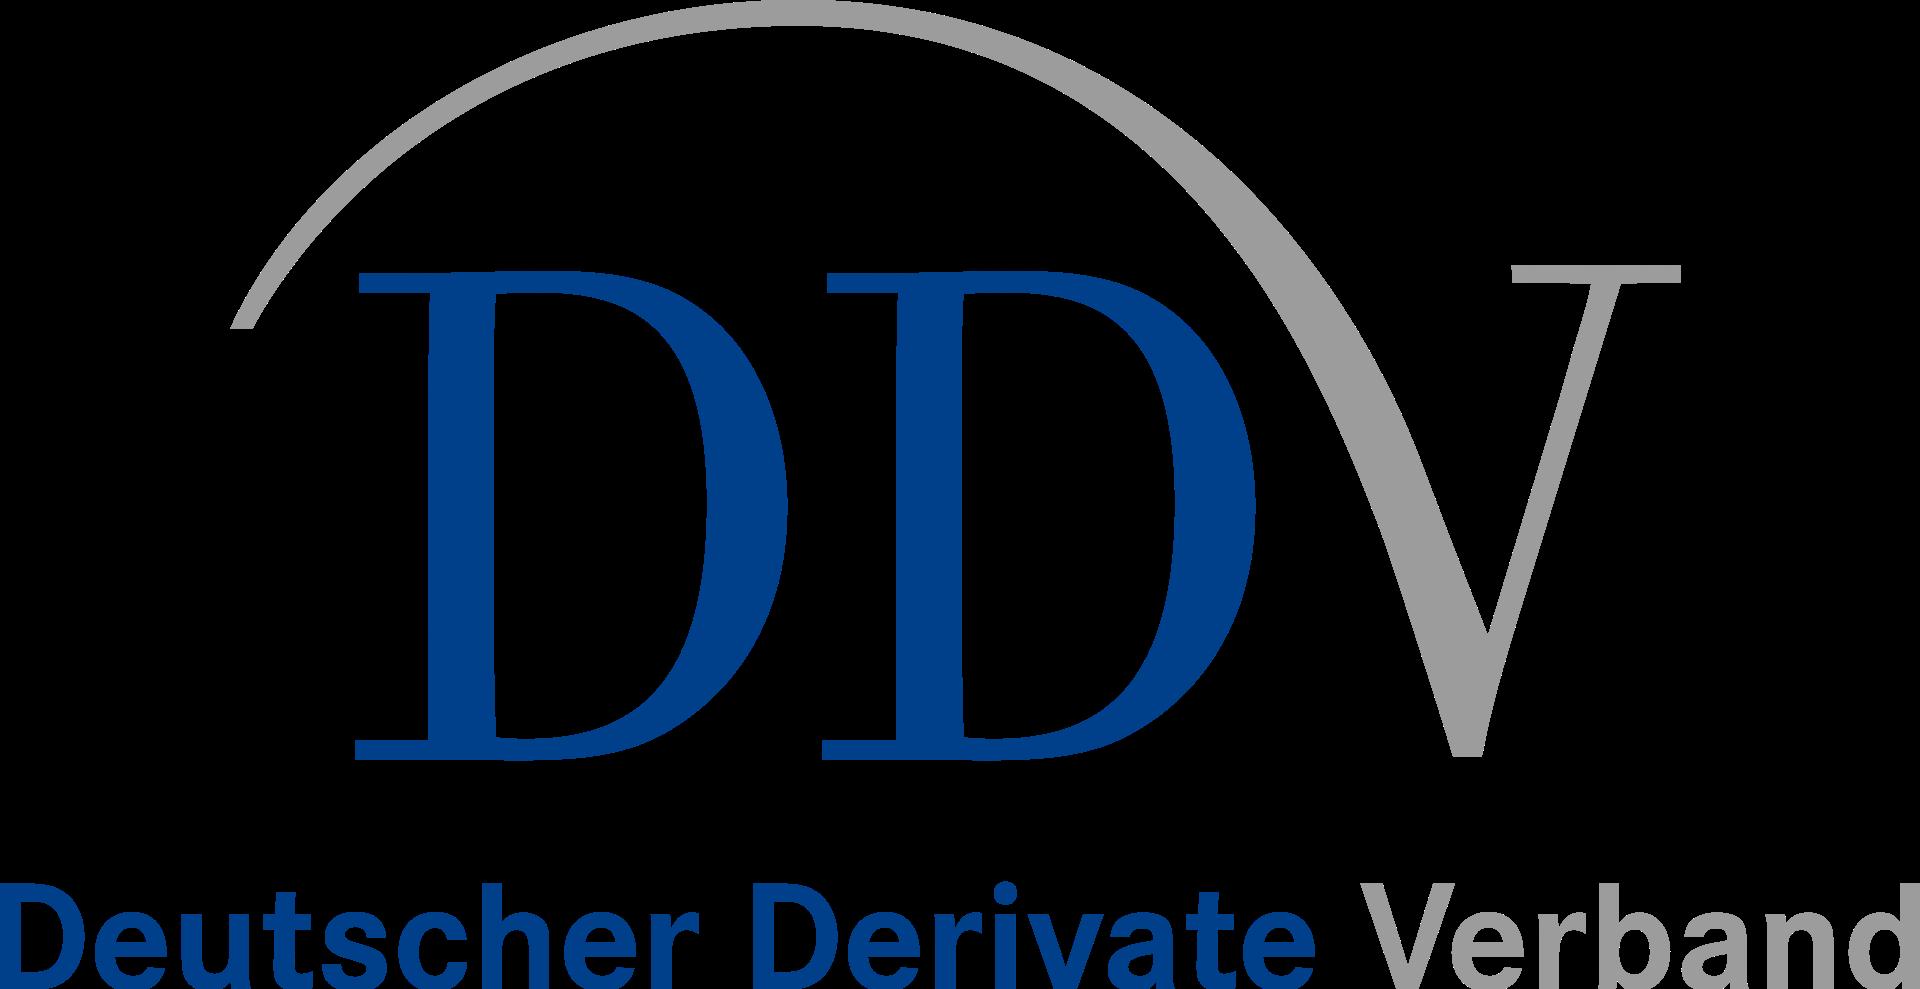 Deutscher Derivate Verband (DDV)